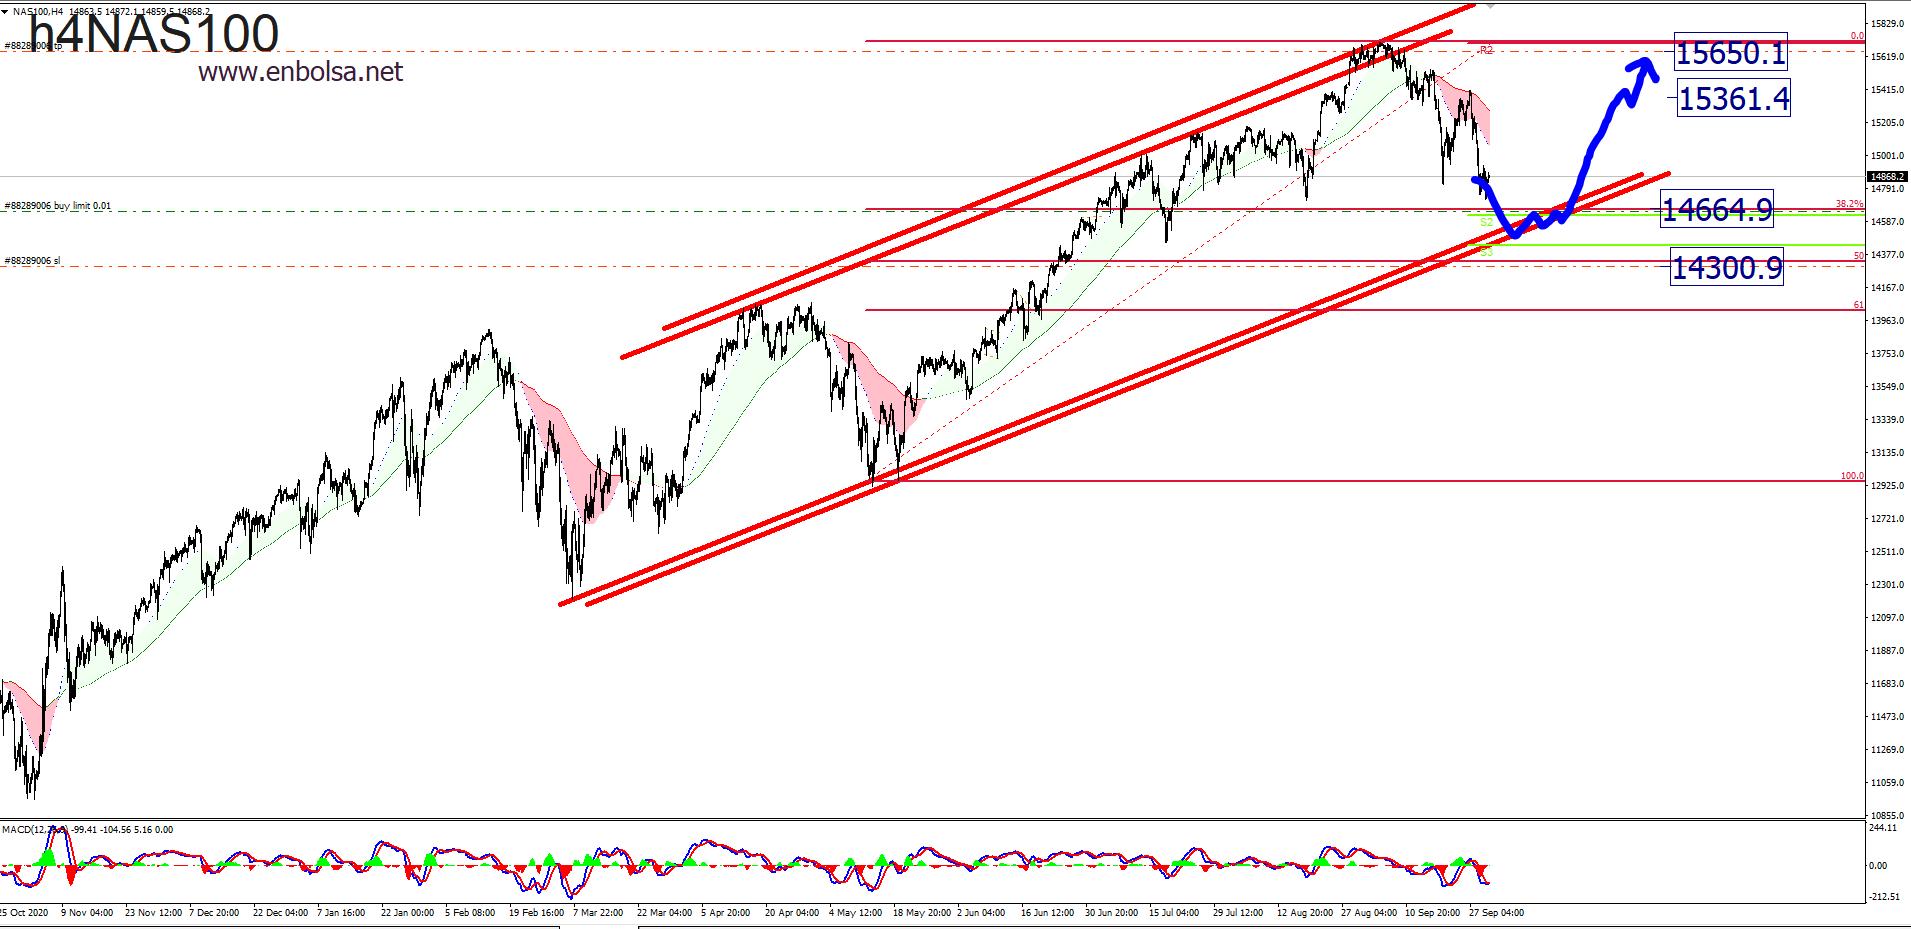 NASDAQ 100 FIBO Y CANAL